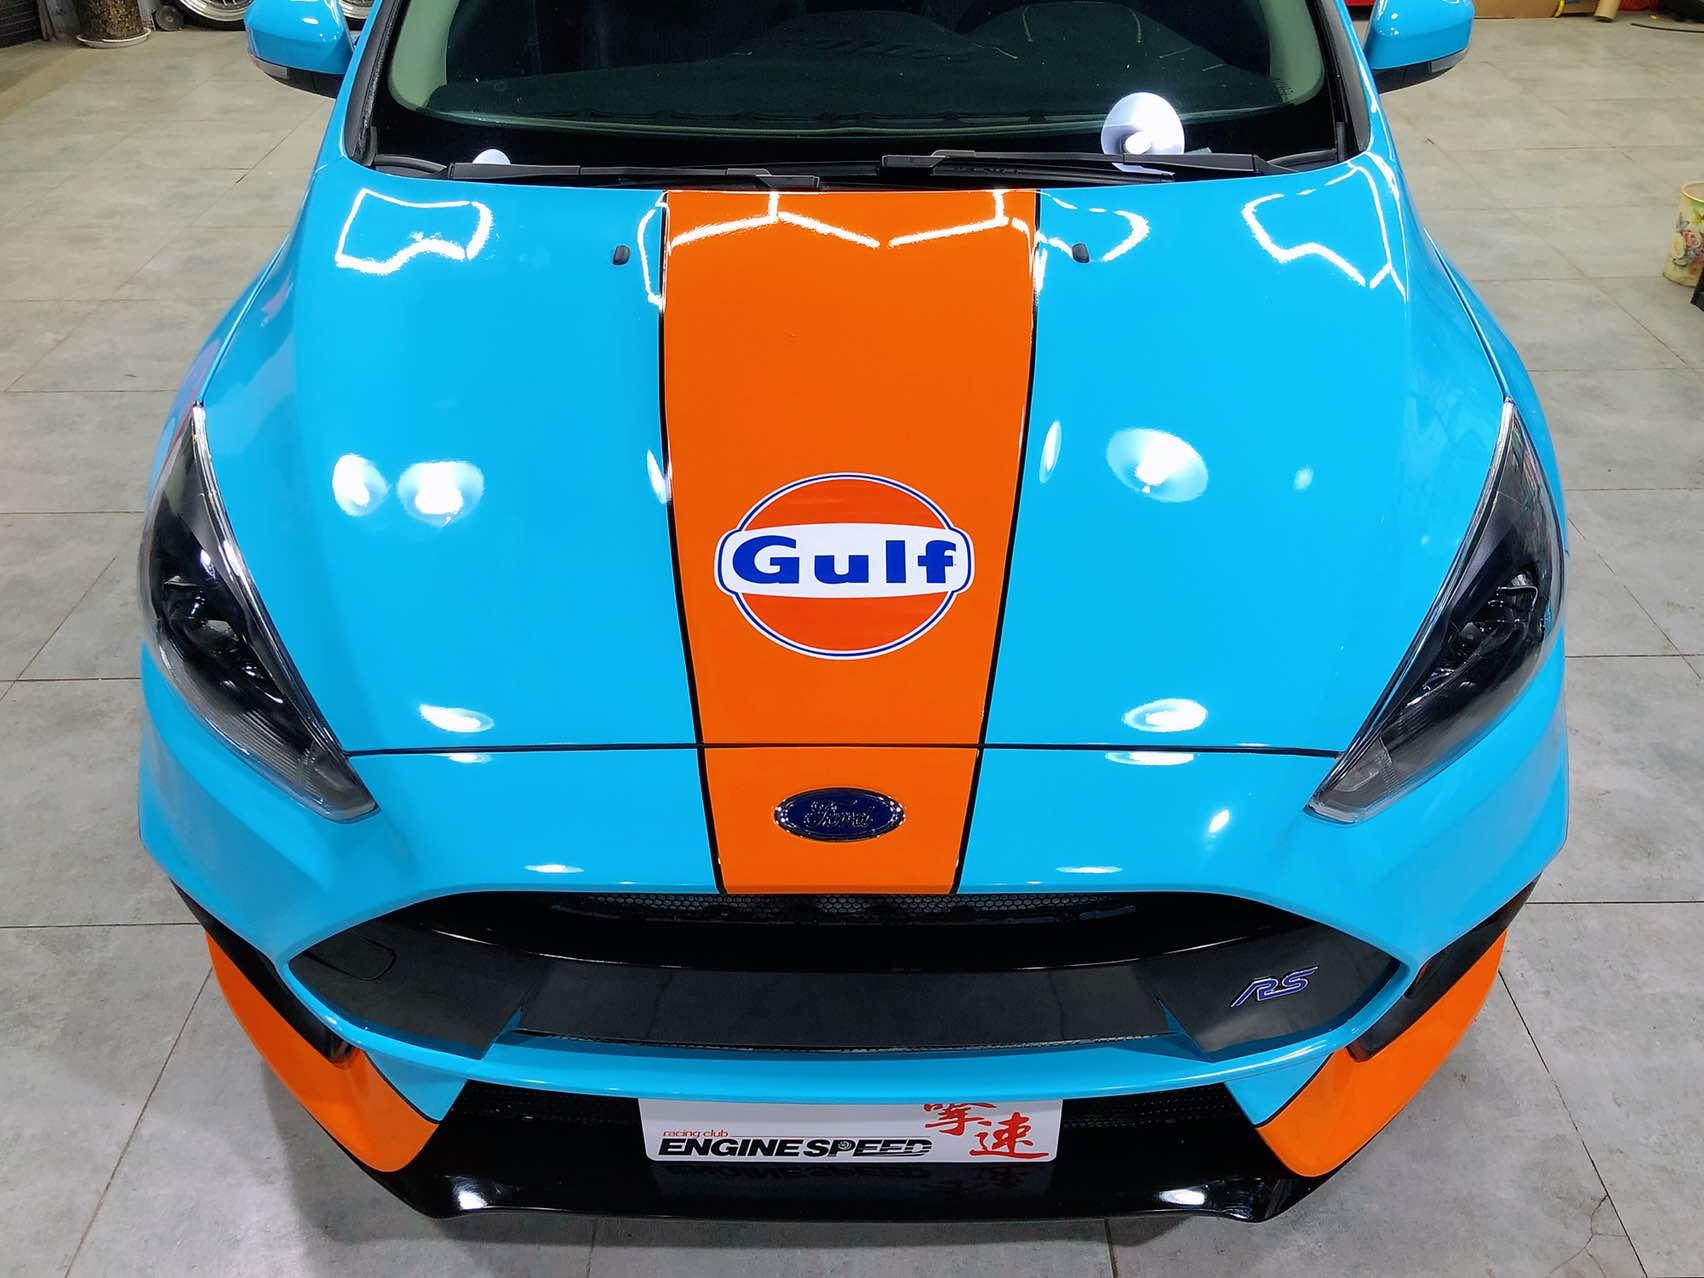 西安擎速,福克斯改装福克斯RS套件。改色贴膜经典海湾(GULF)涂装